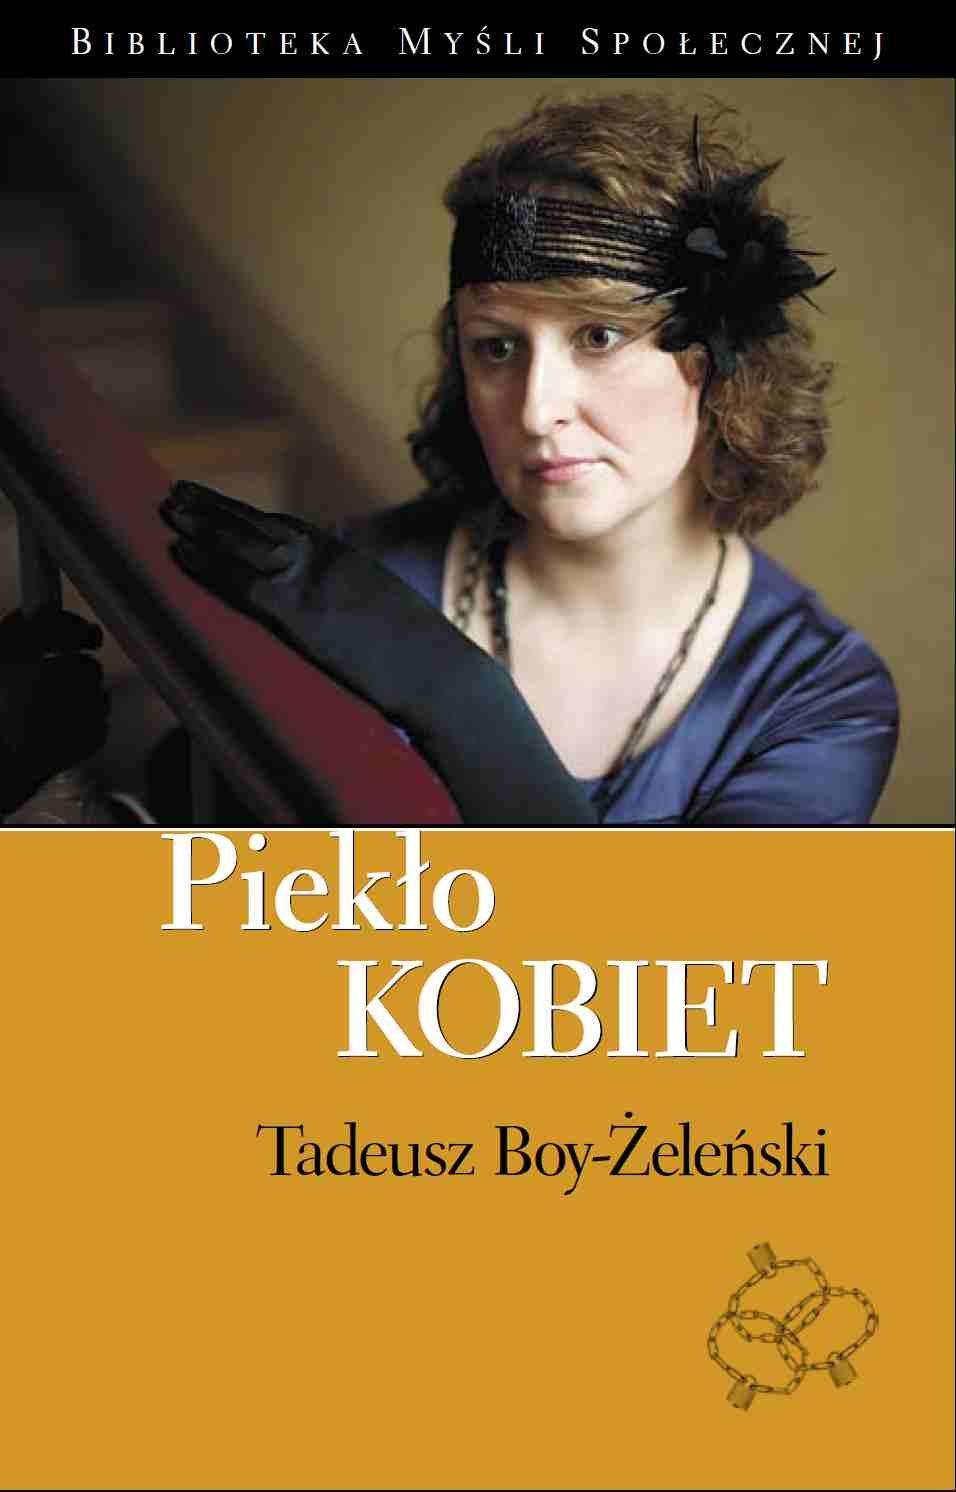 Piekło kobiet - Ebook (Książka EPUB) do pobrania w formacie EPUB